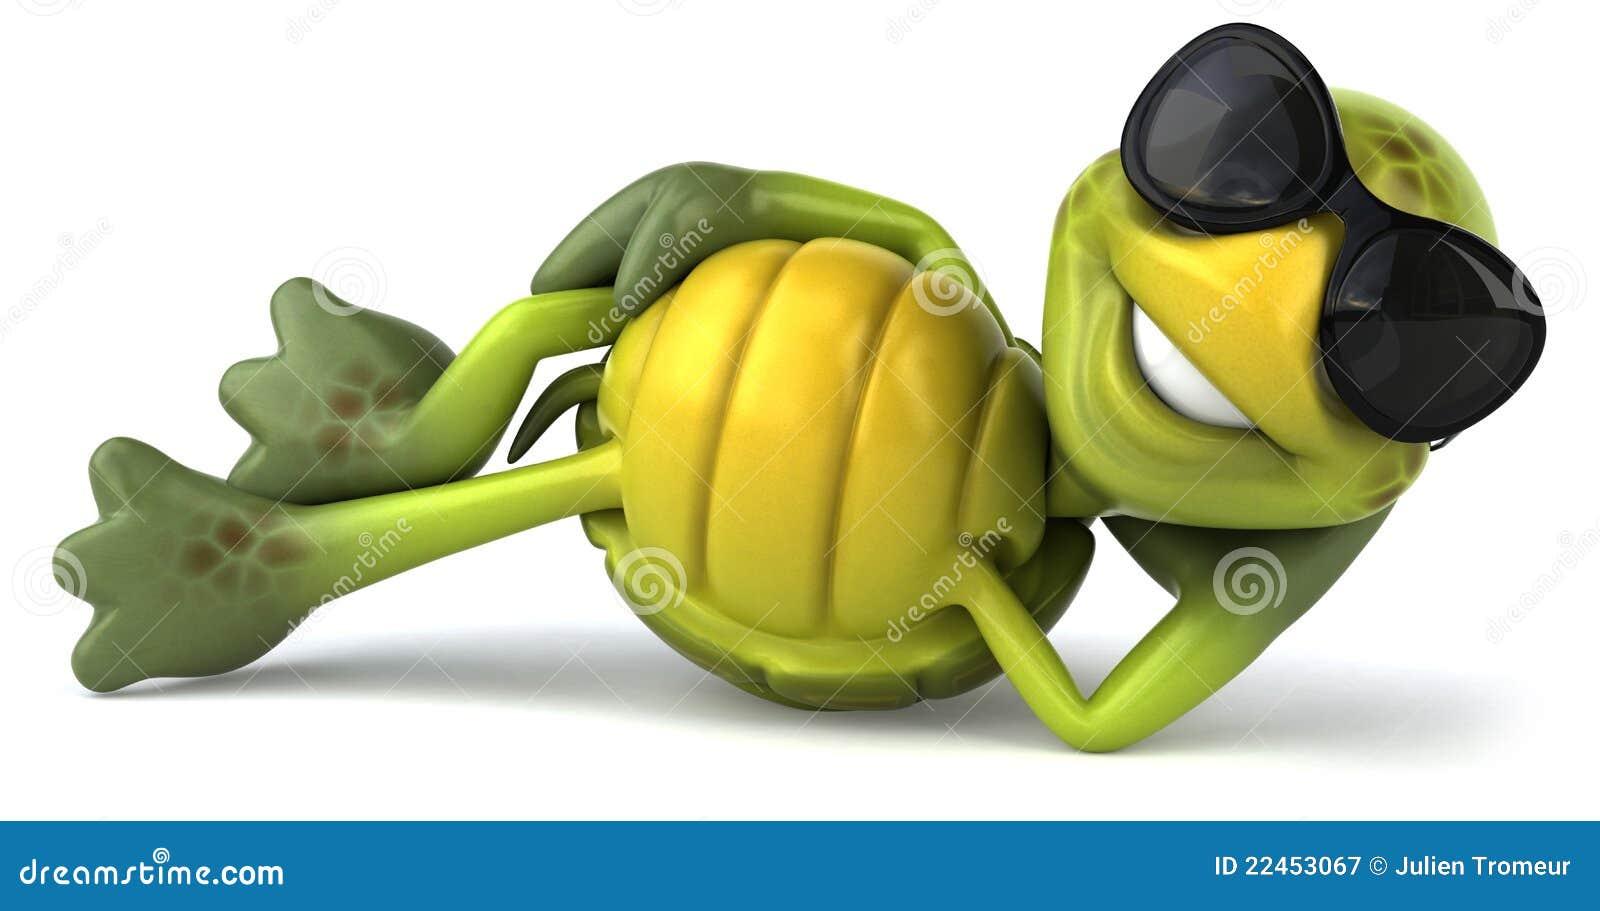 fun turtle stock photo cartoondealer com 56718606 sea creatures clip art border sea creatures clip art border